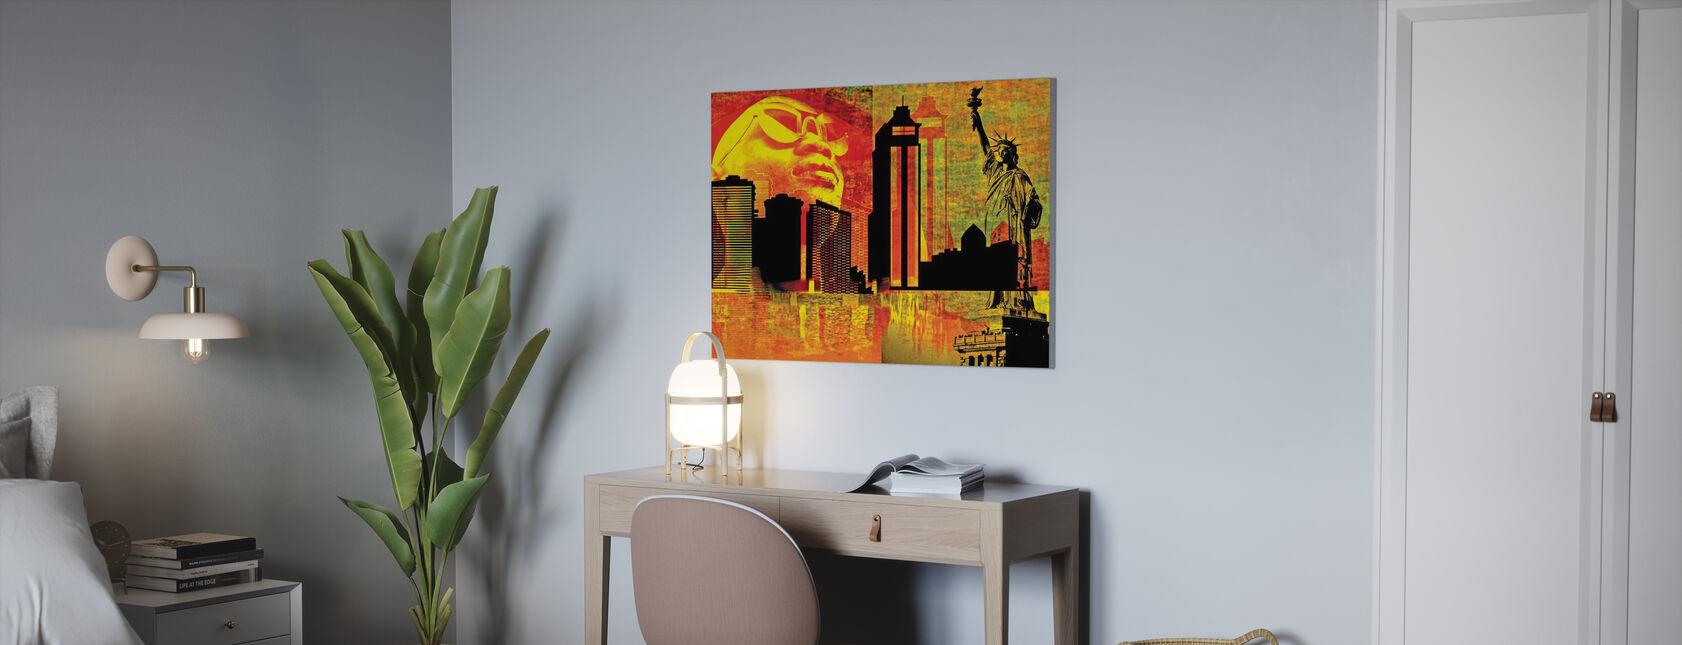 Grote Stad - Canvas print - Kantoor